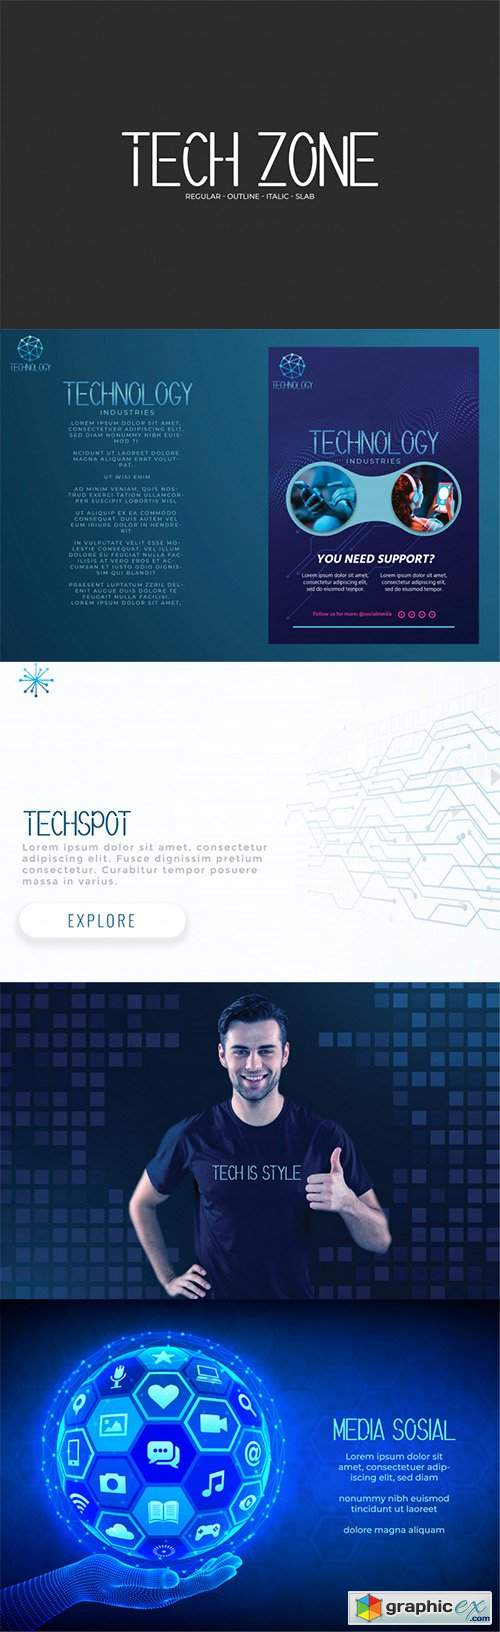 Tech Zone Font